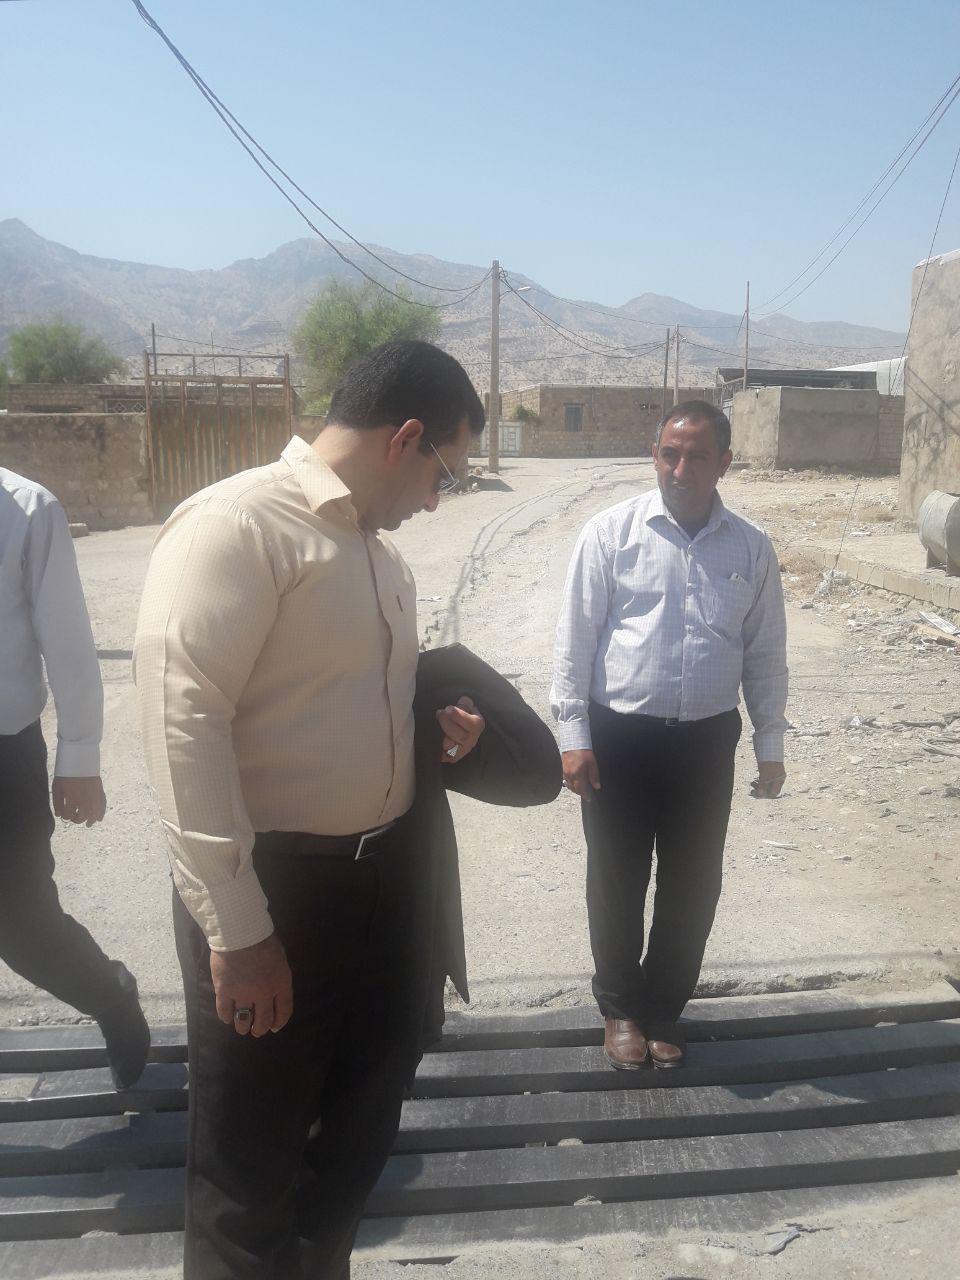 بازدید مهندس مرتضی کائیدی فرد، بخشدار مرکزی شهرستان پلدختر از طرح های درحال اجرای دهداری دهستان پاعلم